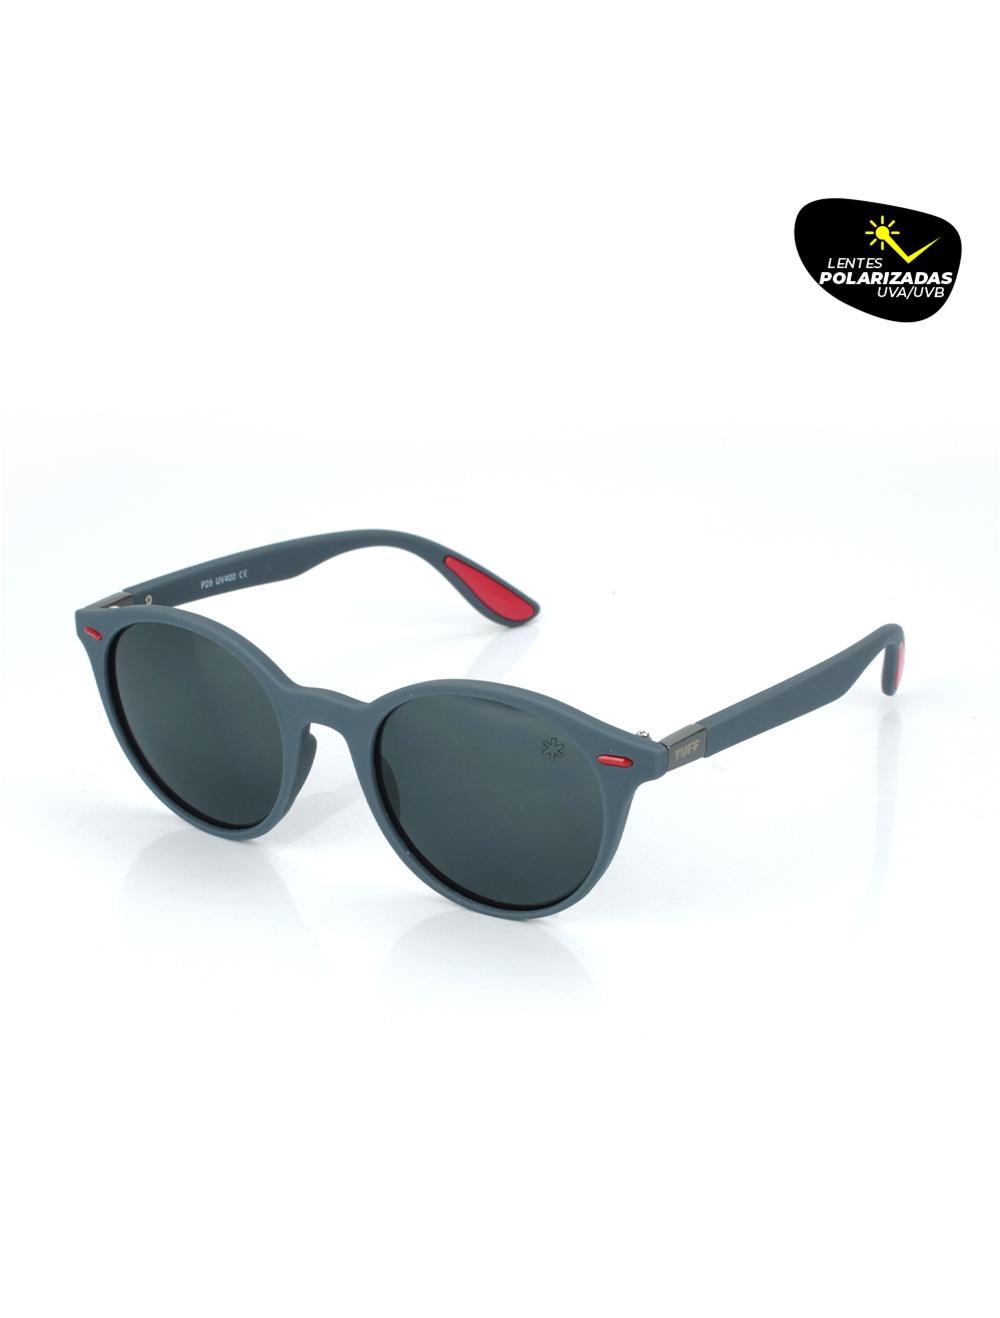 Sunglasses Moderno Preto com Lente Polarizada